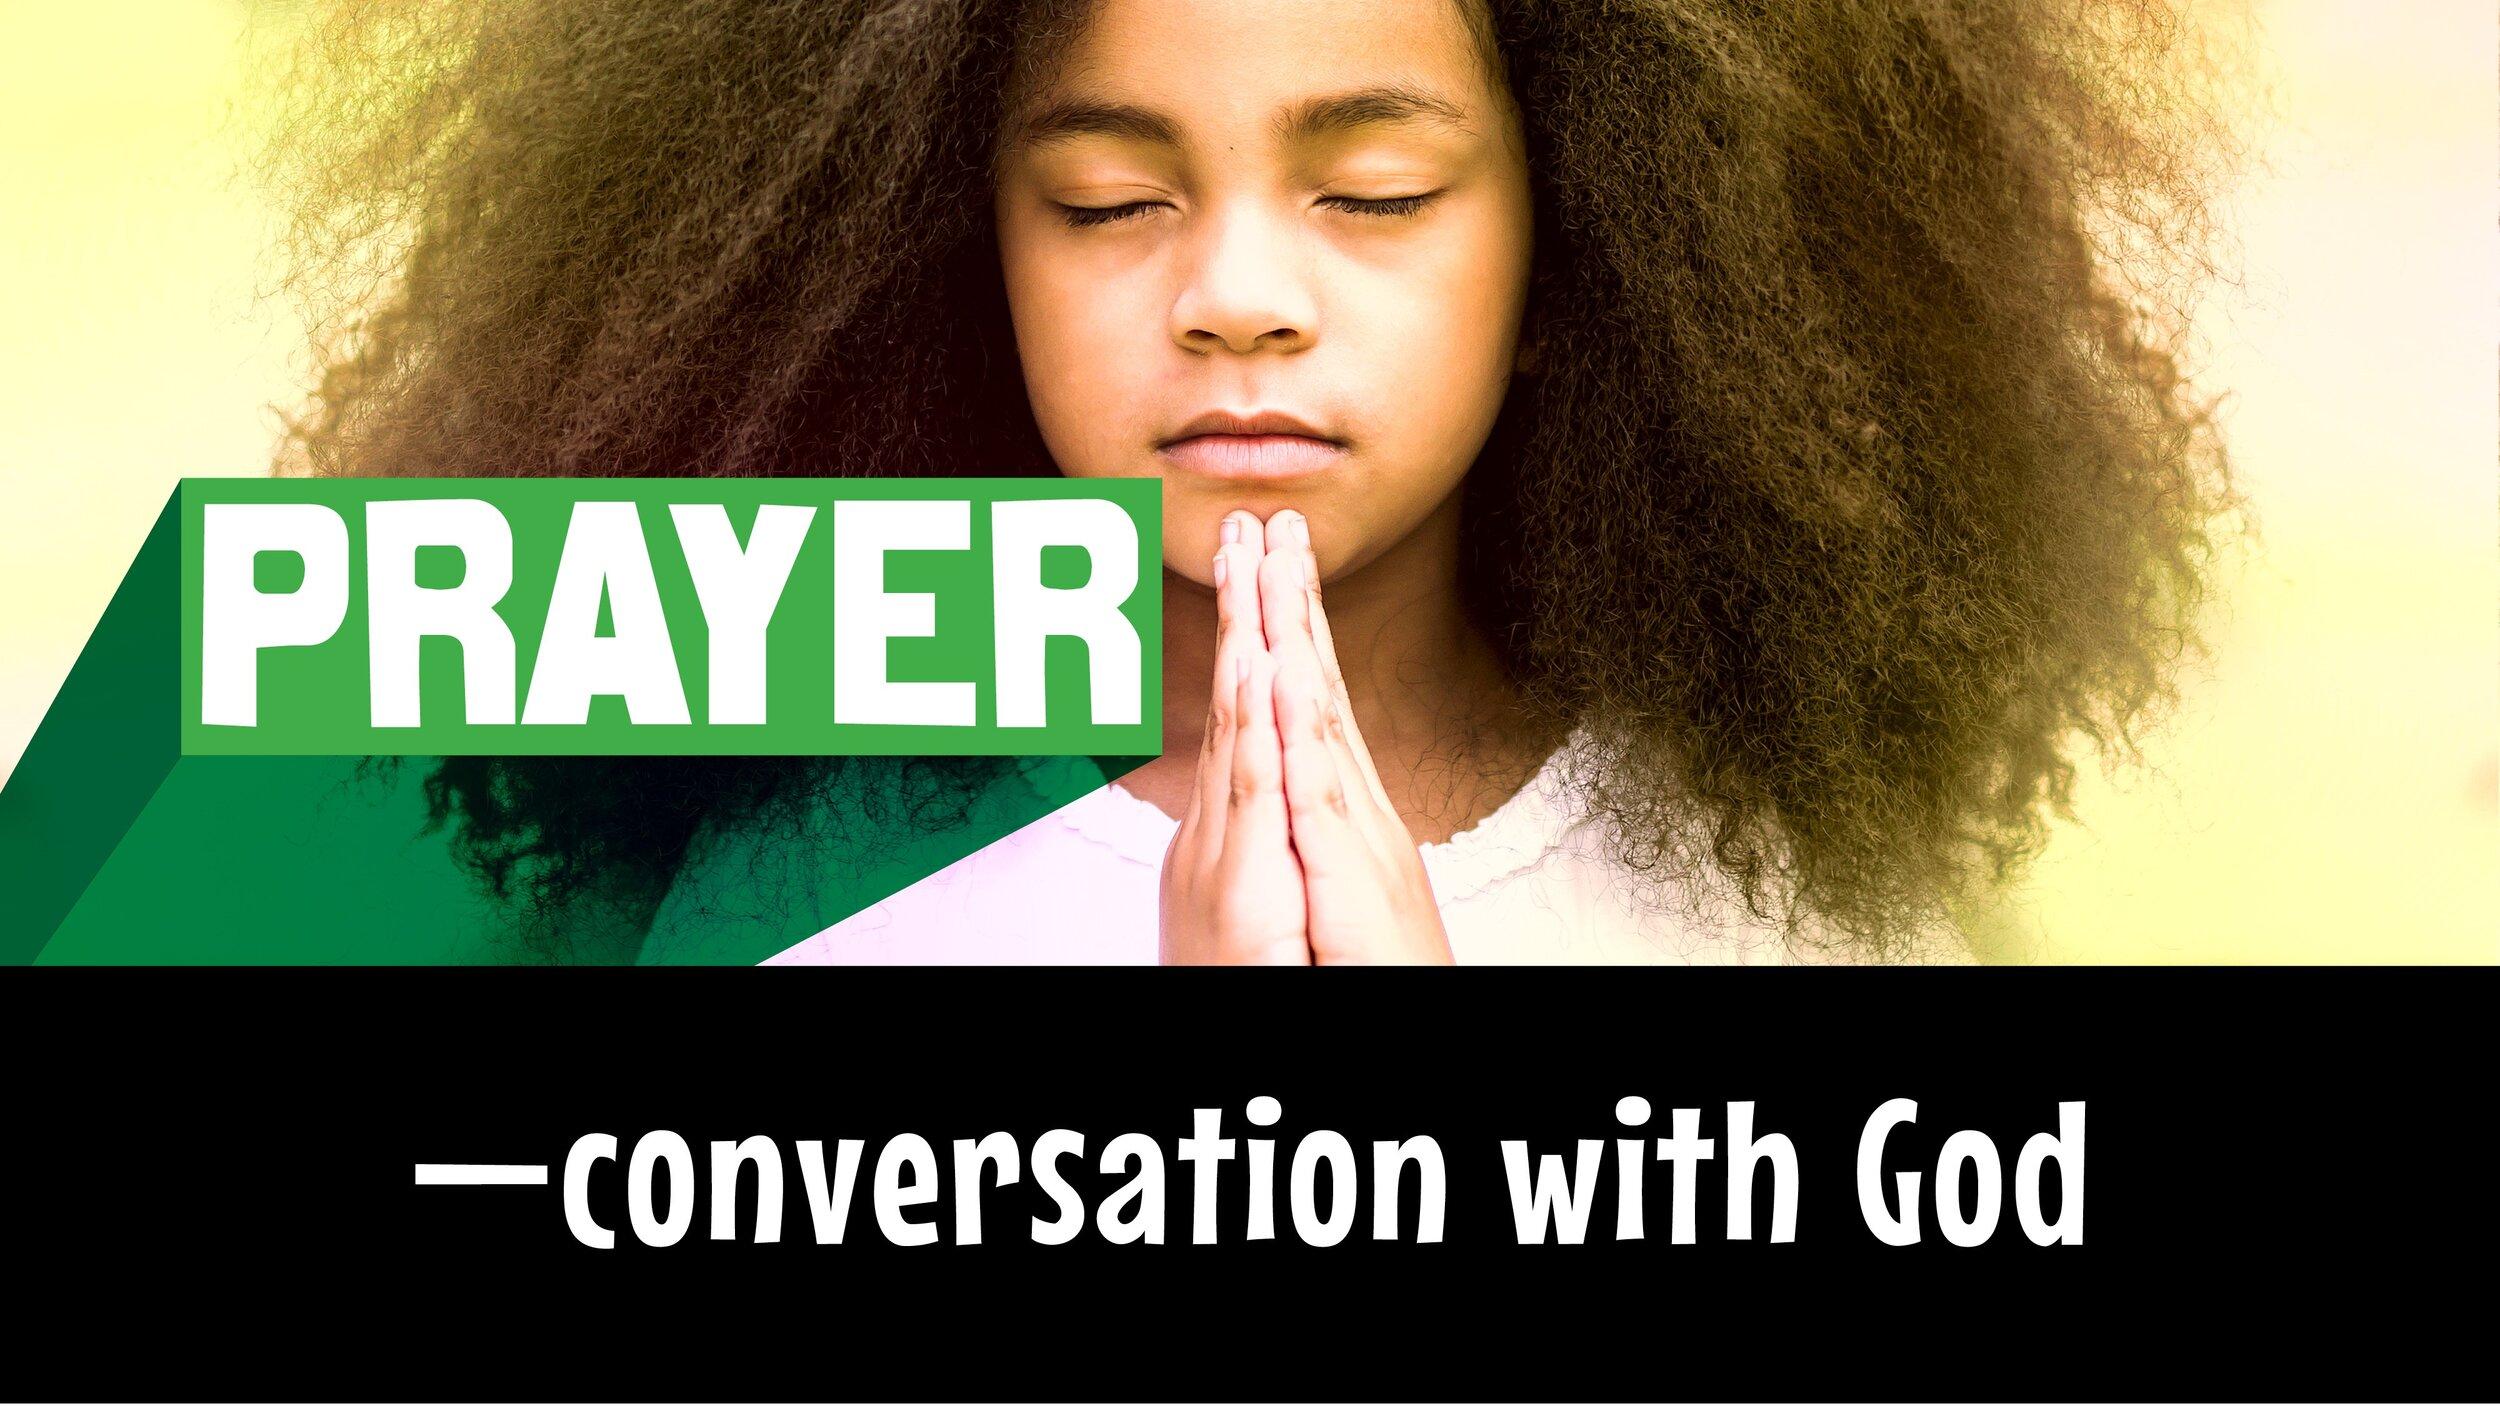 Prayer-ESV-MAIN.jpg